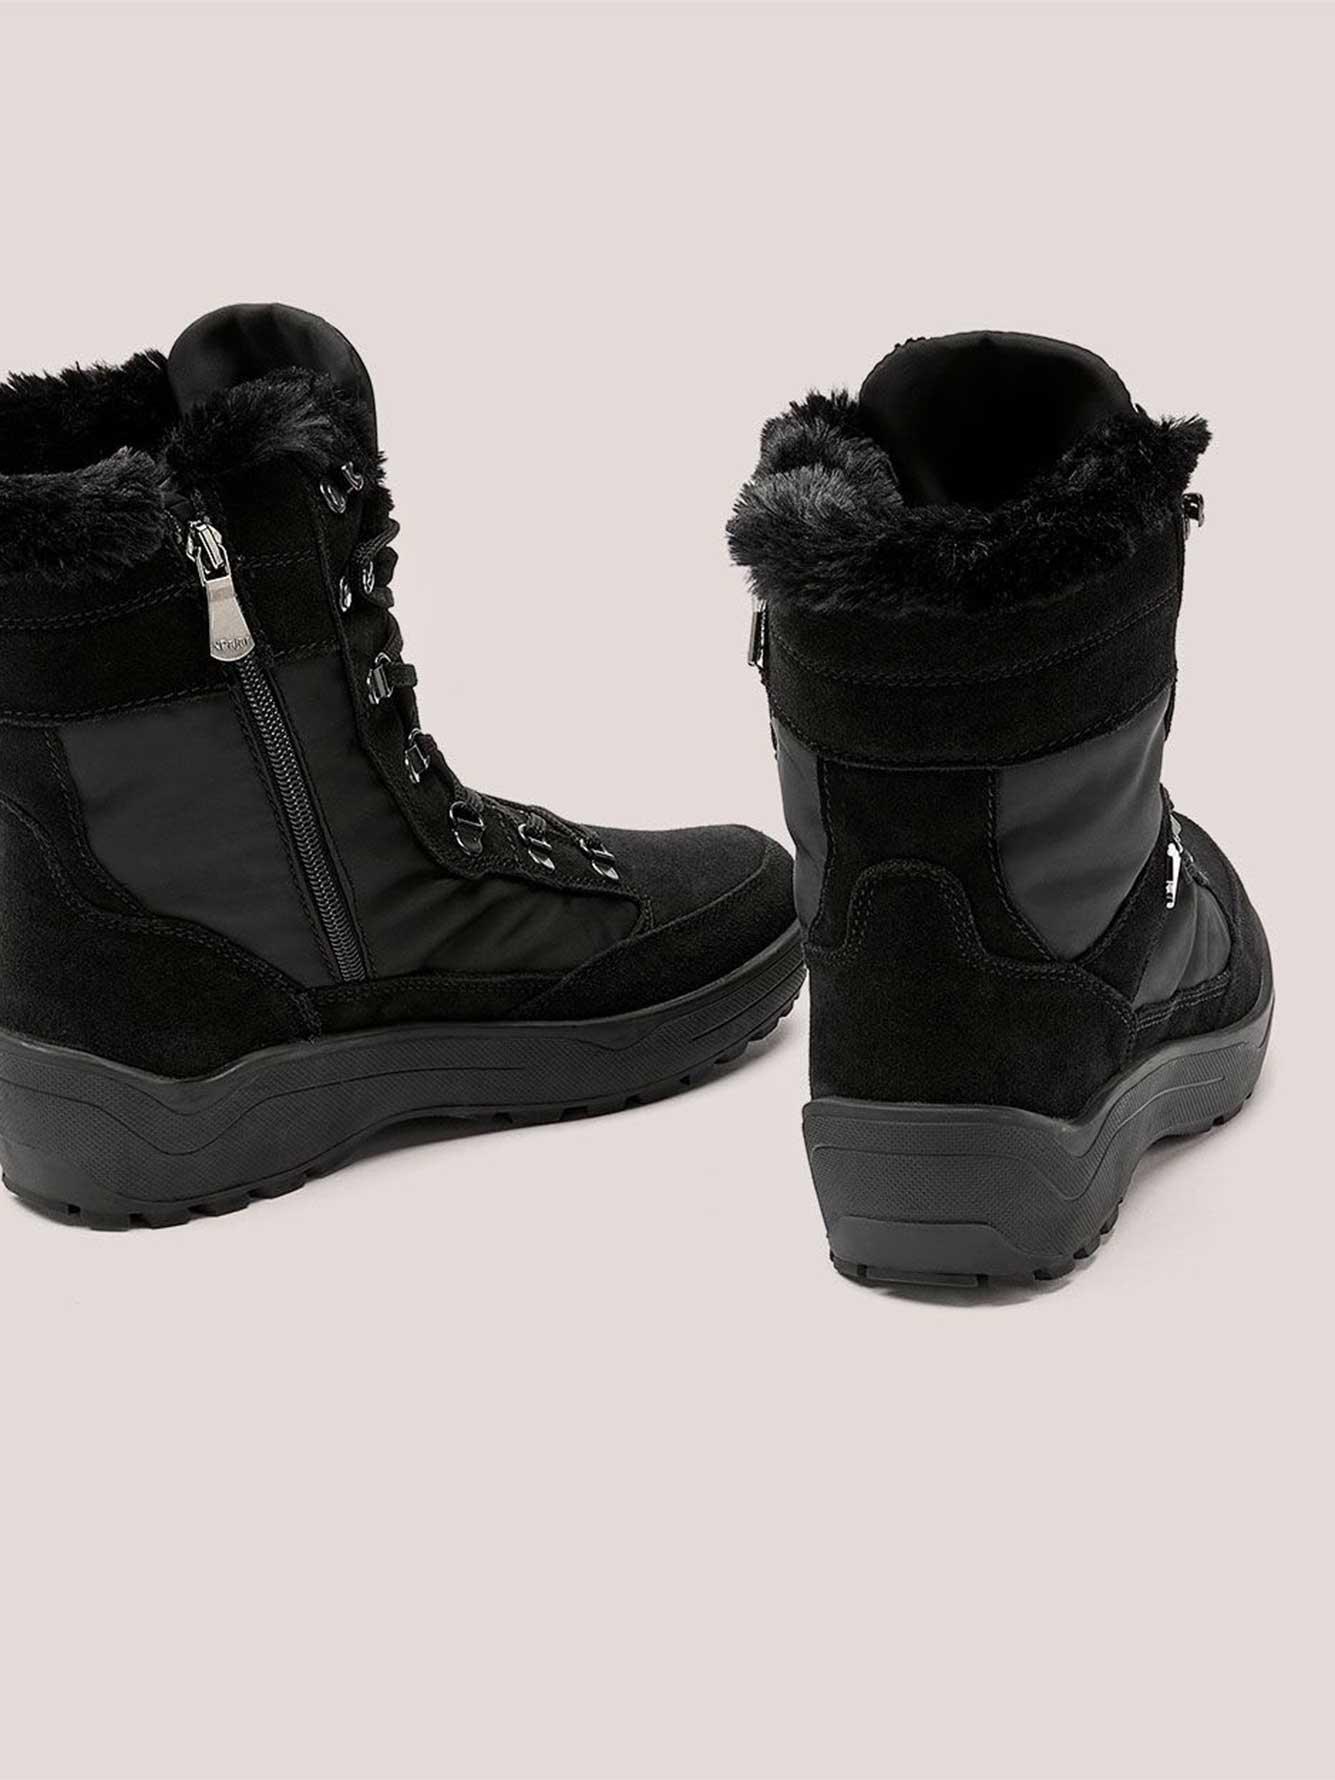 907eb2da4d7 Naima Lace-Up Alpine Winter Boots - Pajar